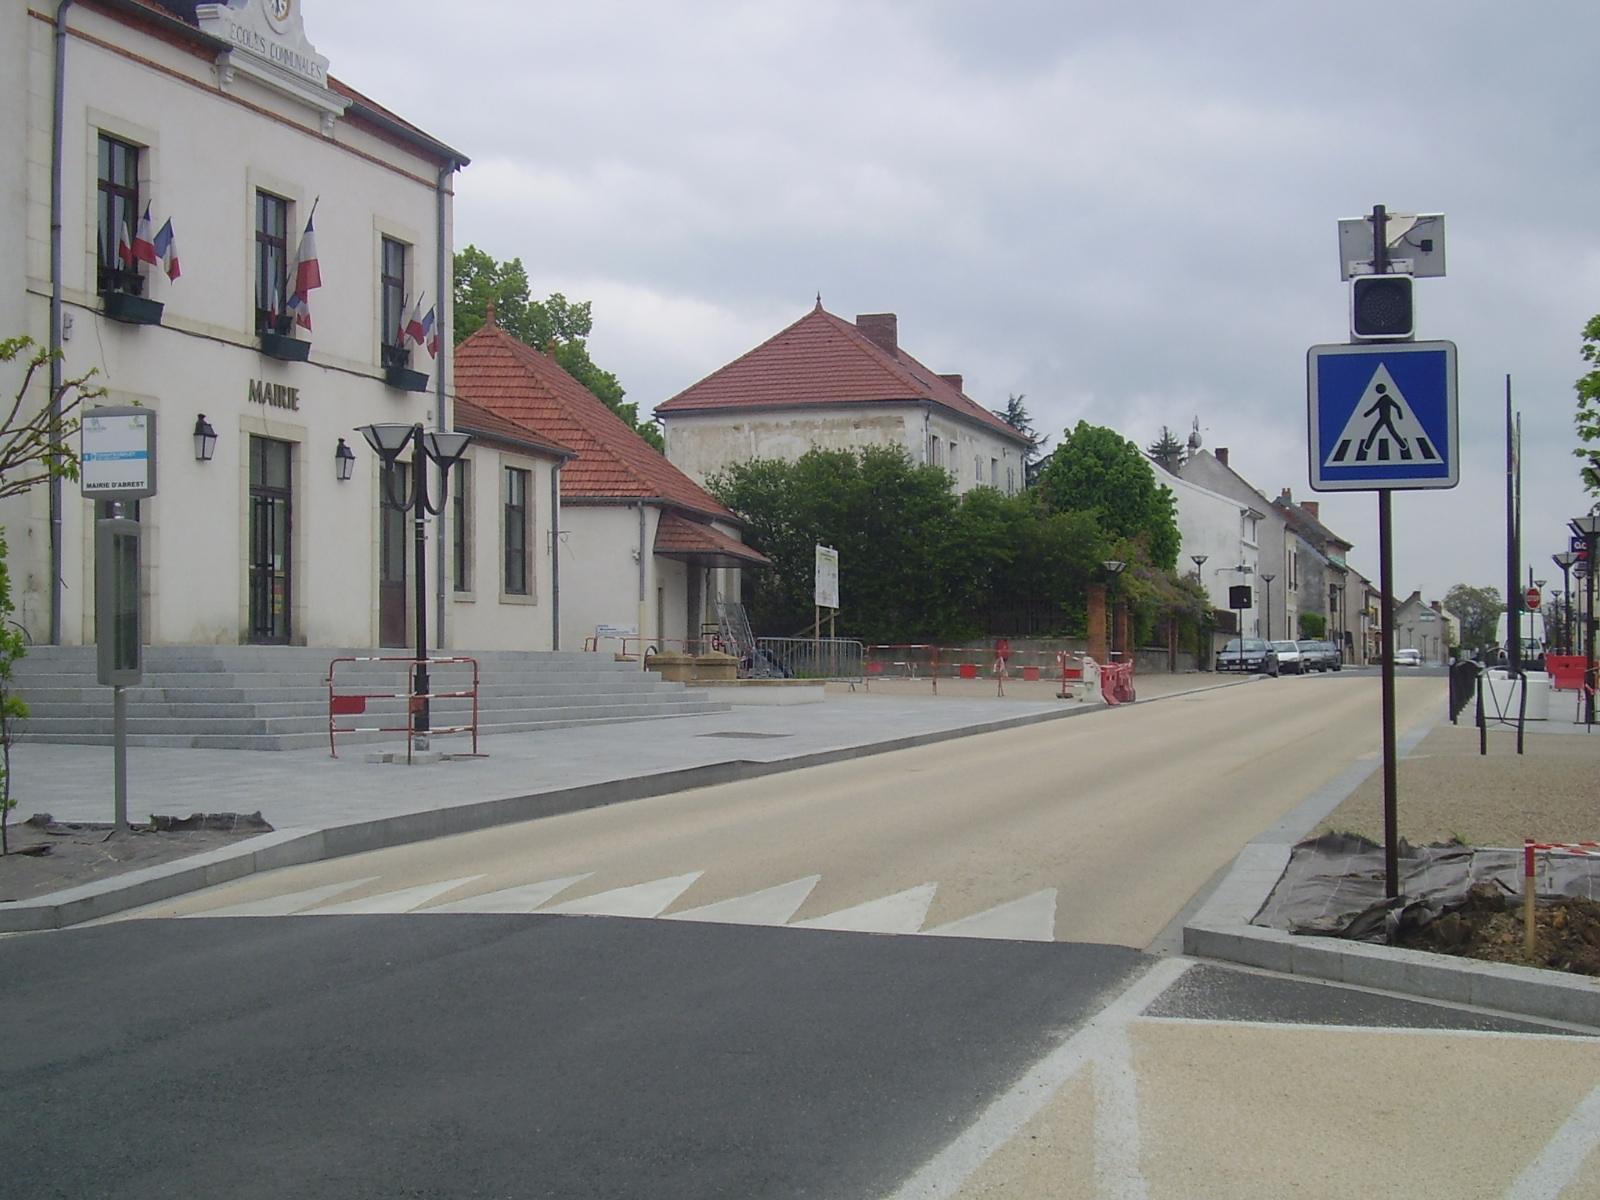 Passage De Vitesse City Car Driving